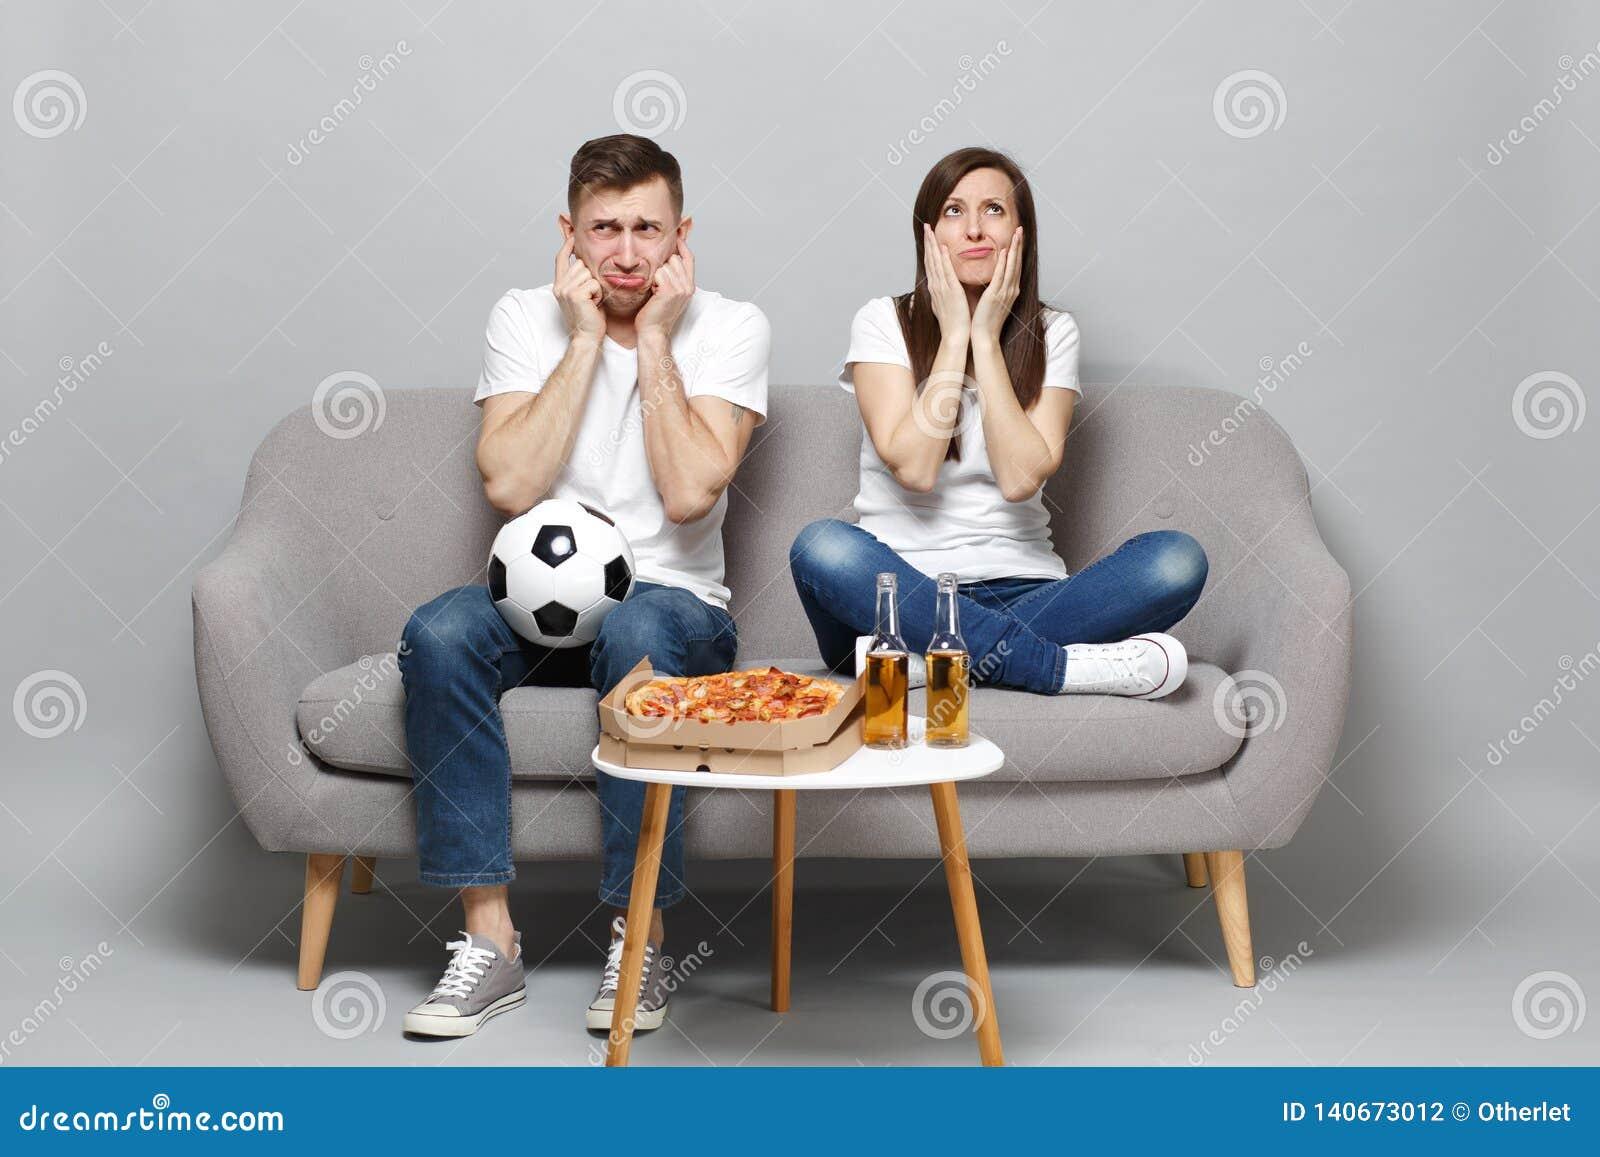 Zaniepokojeni smutni pary kobiety mężczyzny fan piłki nożnej w białej koszulce rozweselają w górę poparcie faworyta drużyny z pił